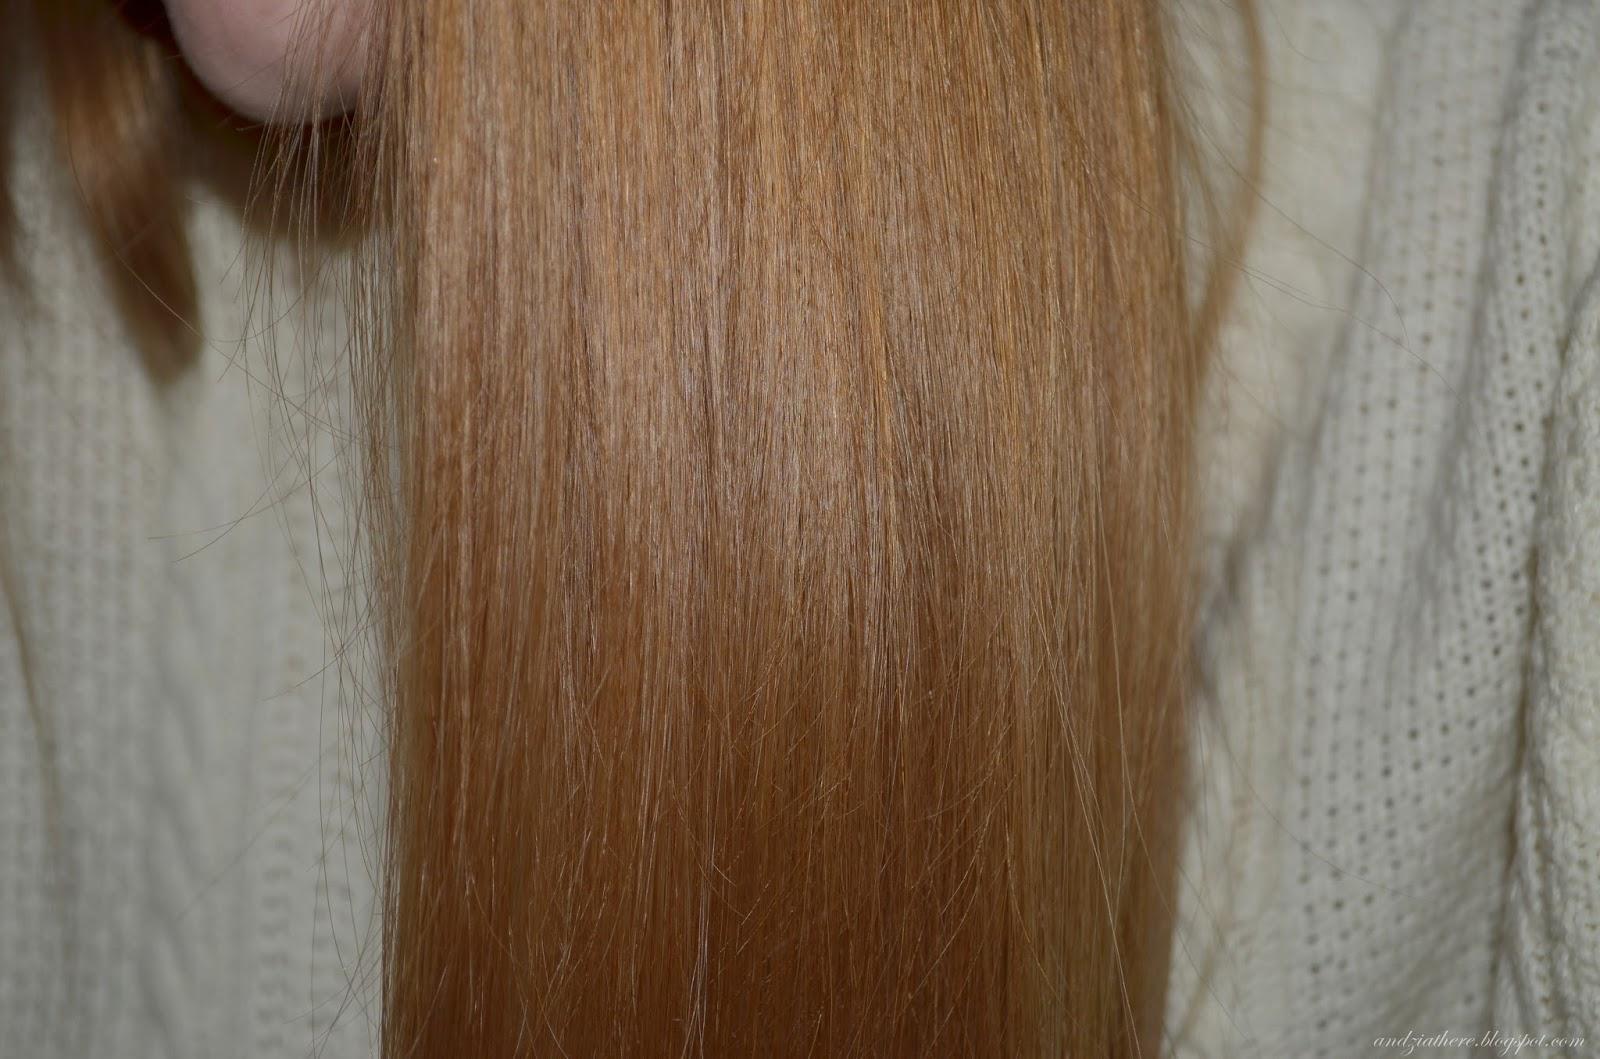 ile utrzymuje się keratynowe prostowanie włosów